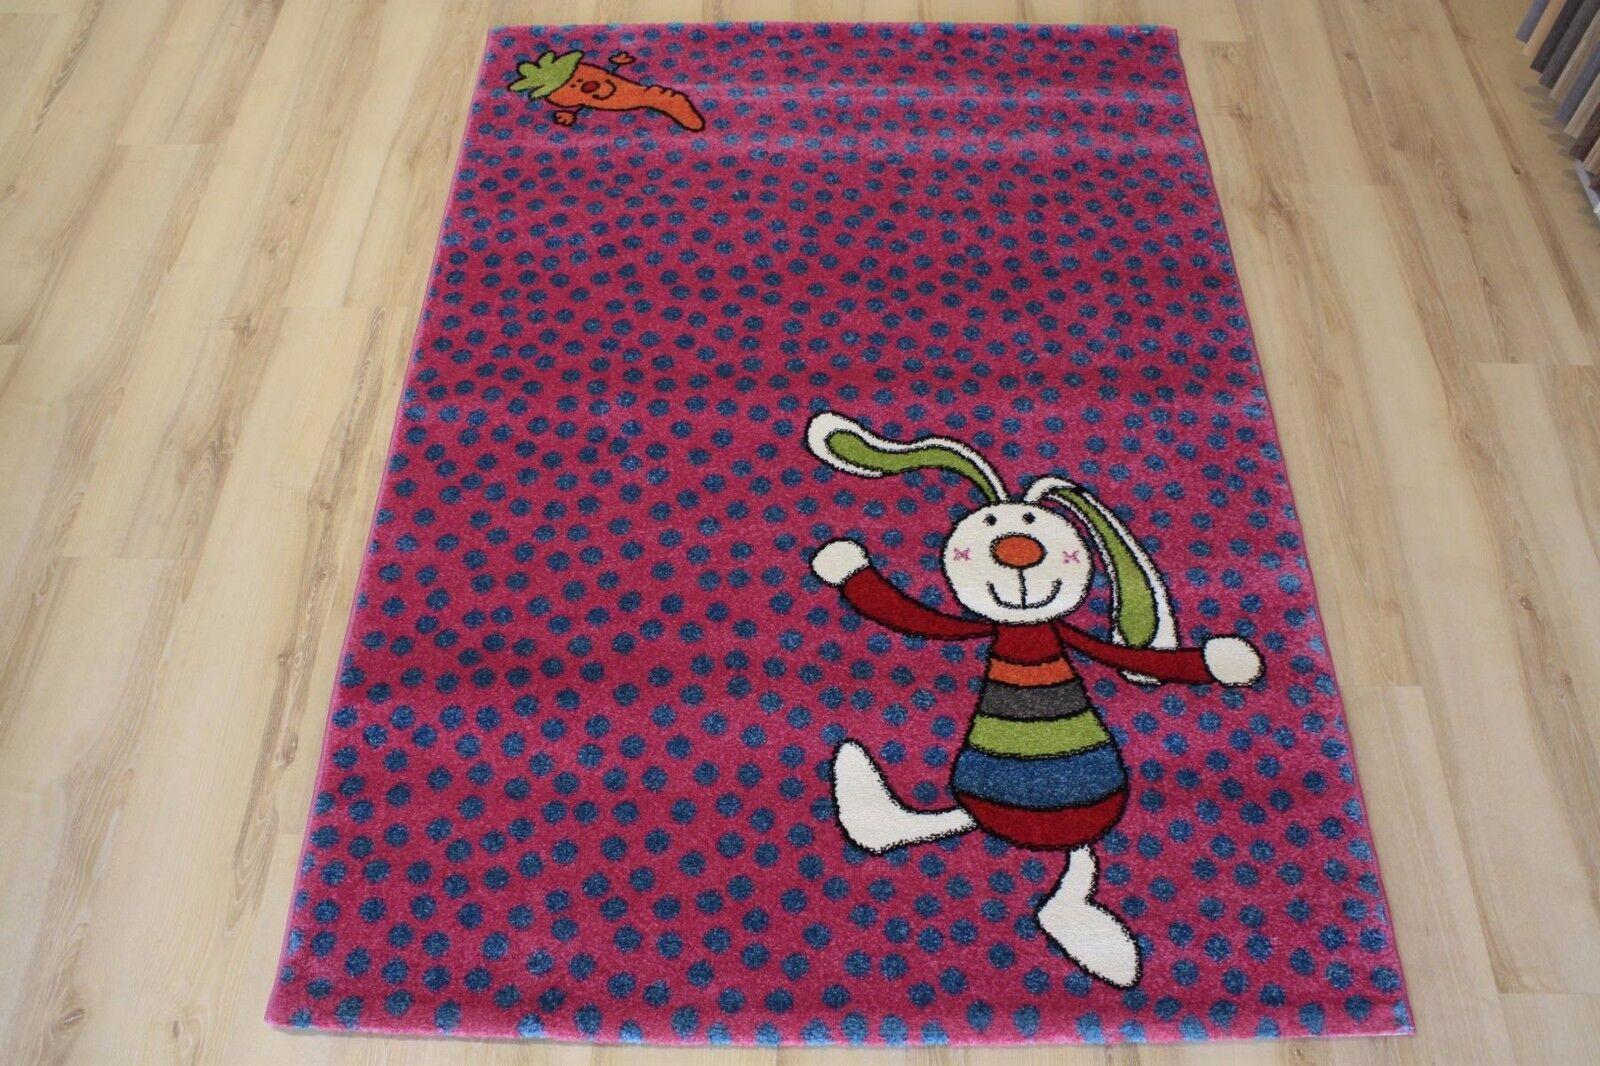 Enfants tapis jeu tapis sigikid sk-0523-03 rainbow rabbit 133x200 cm rose